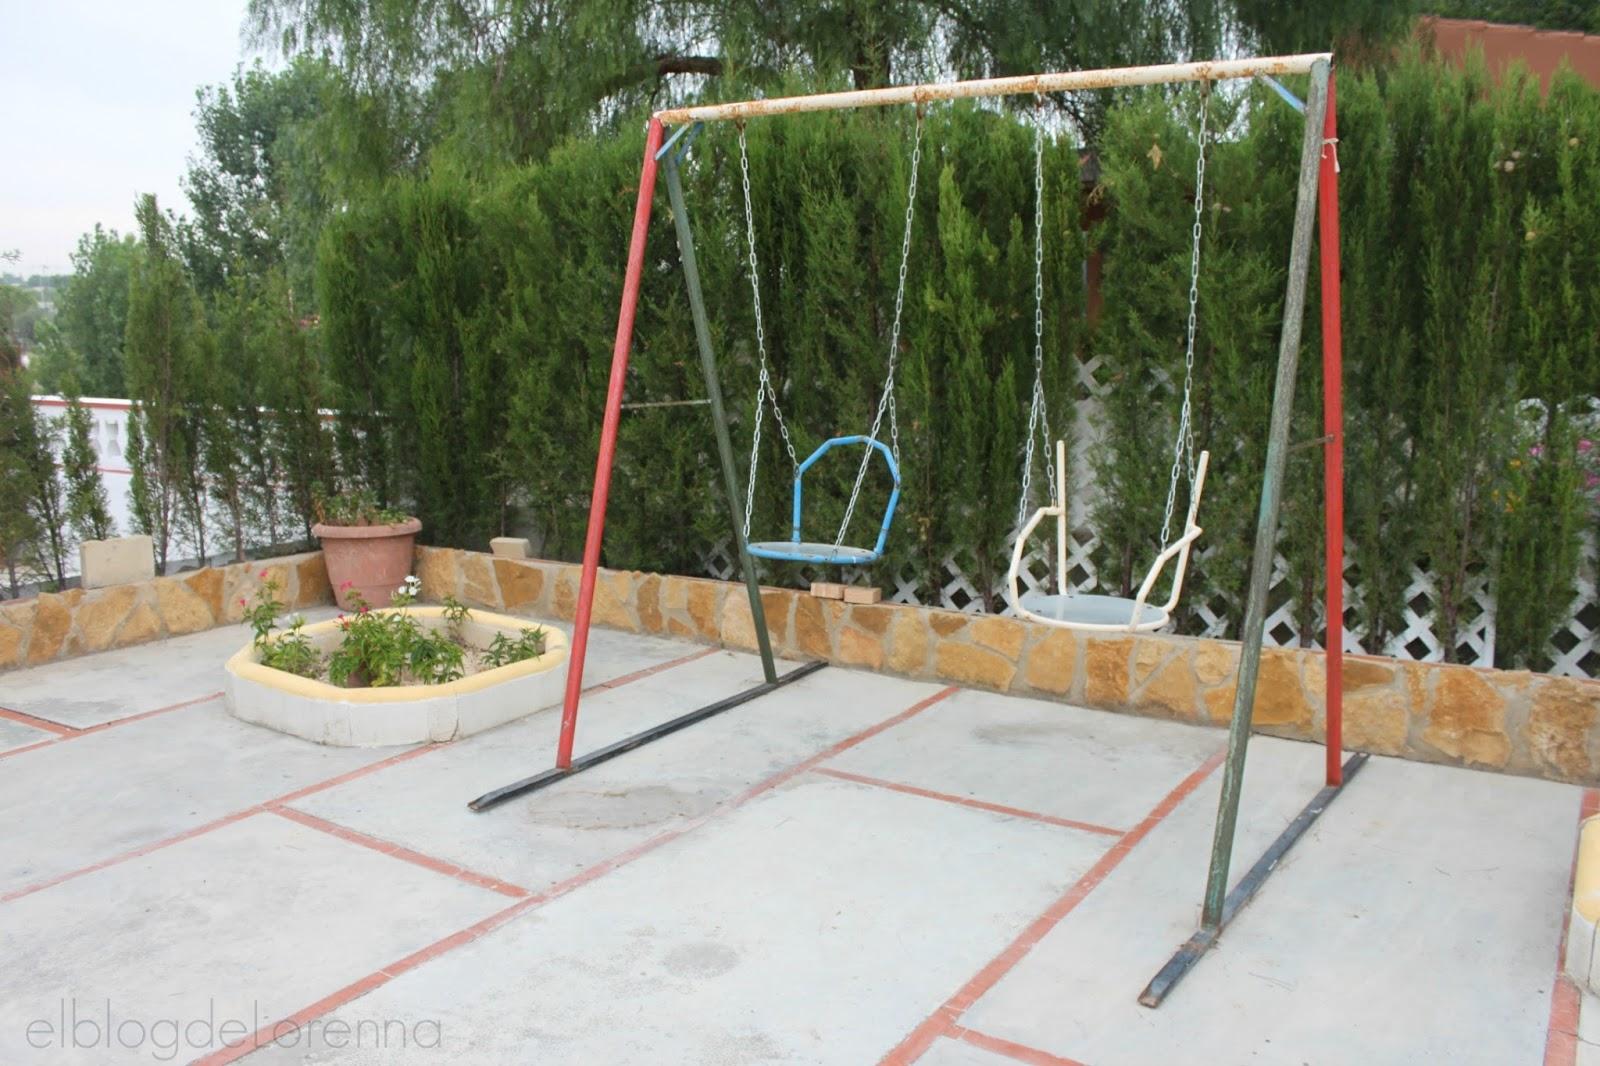 El blog de Lorenna: Columpio casero en el jardín